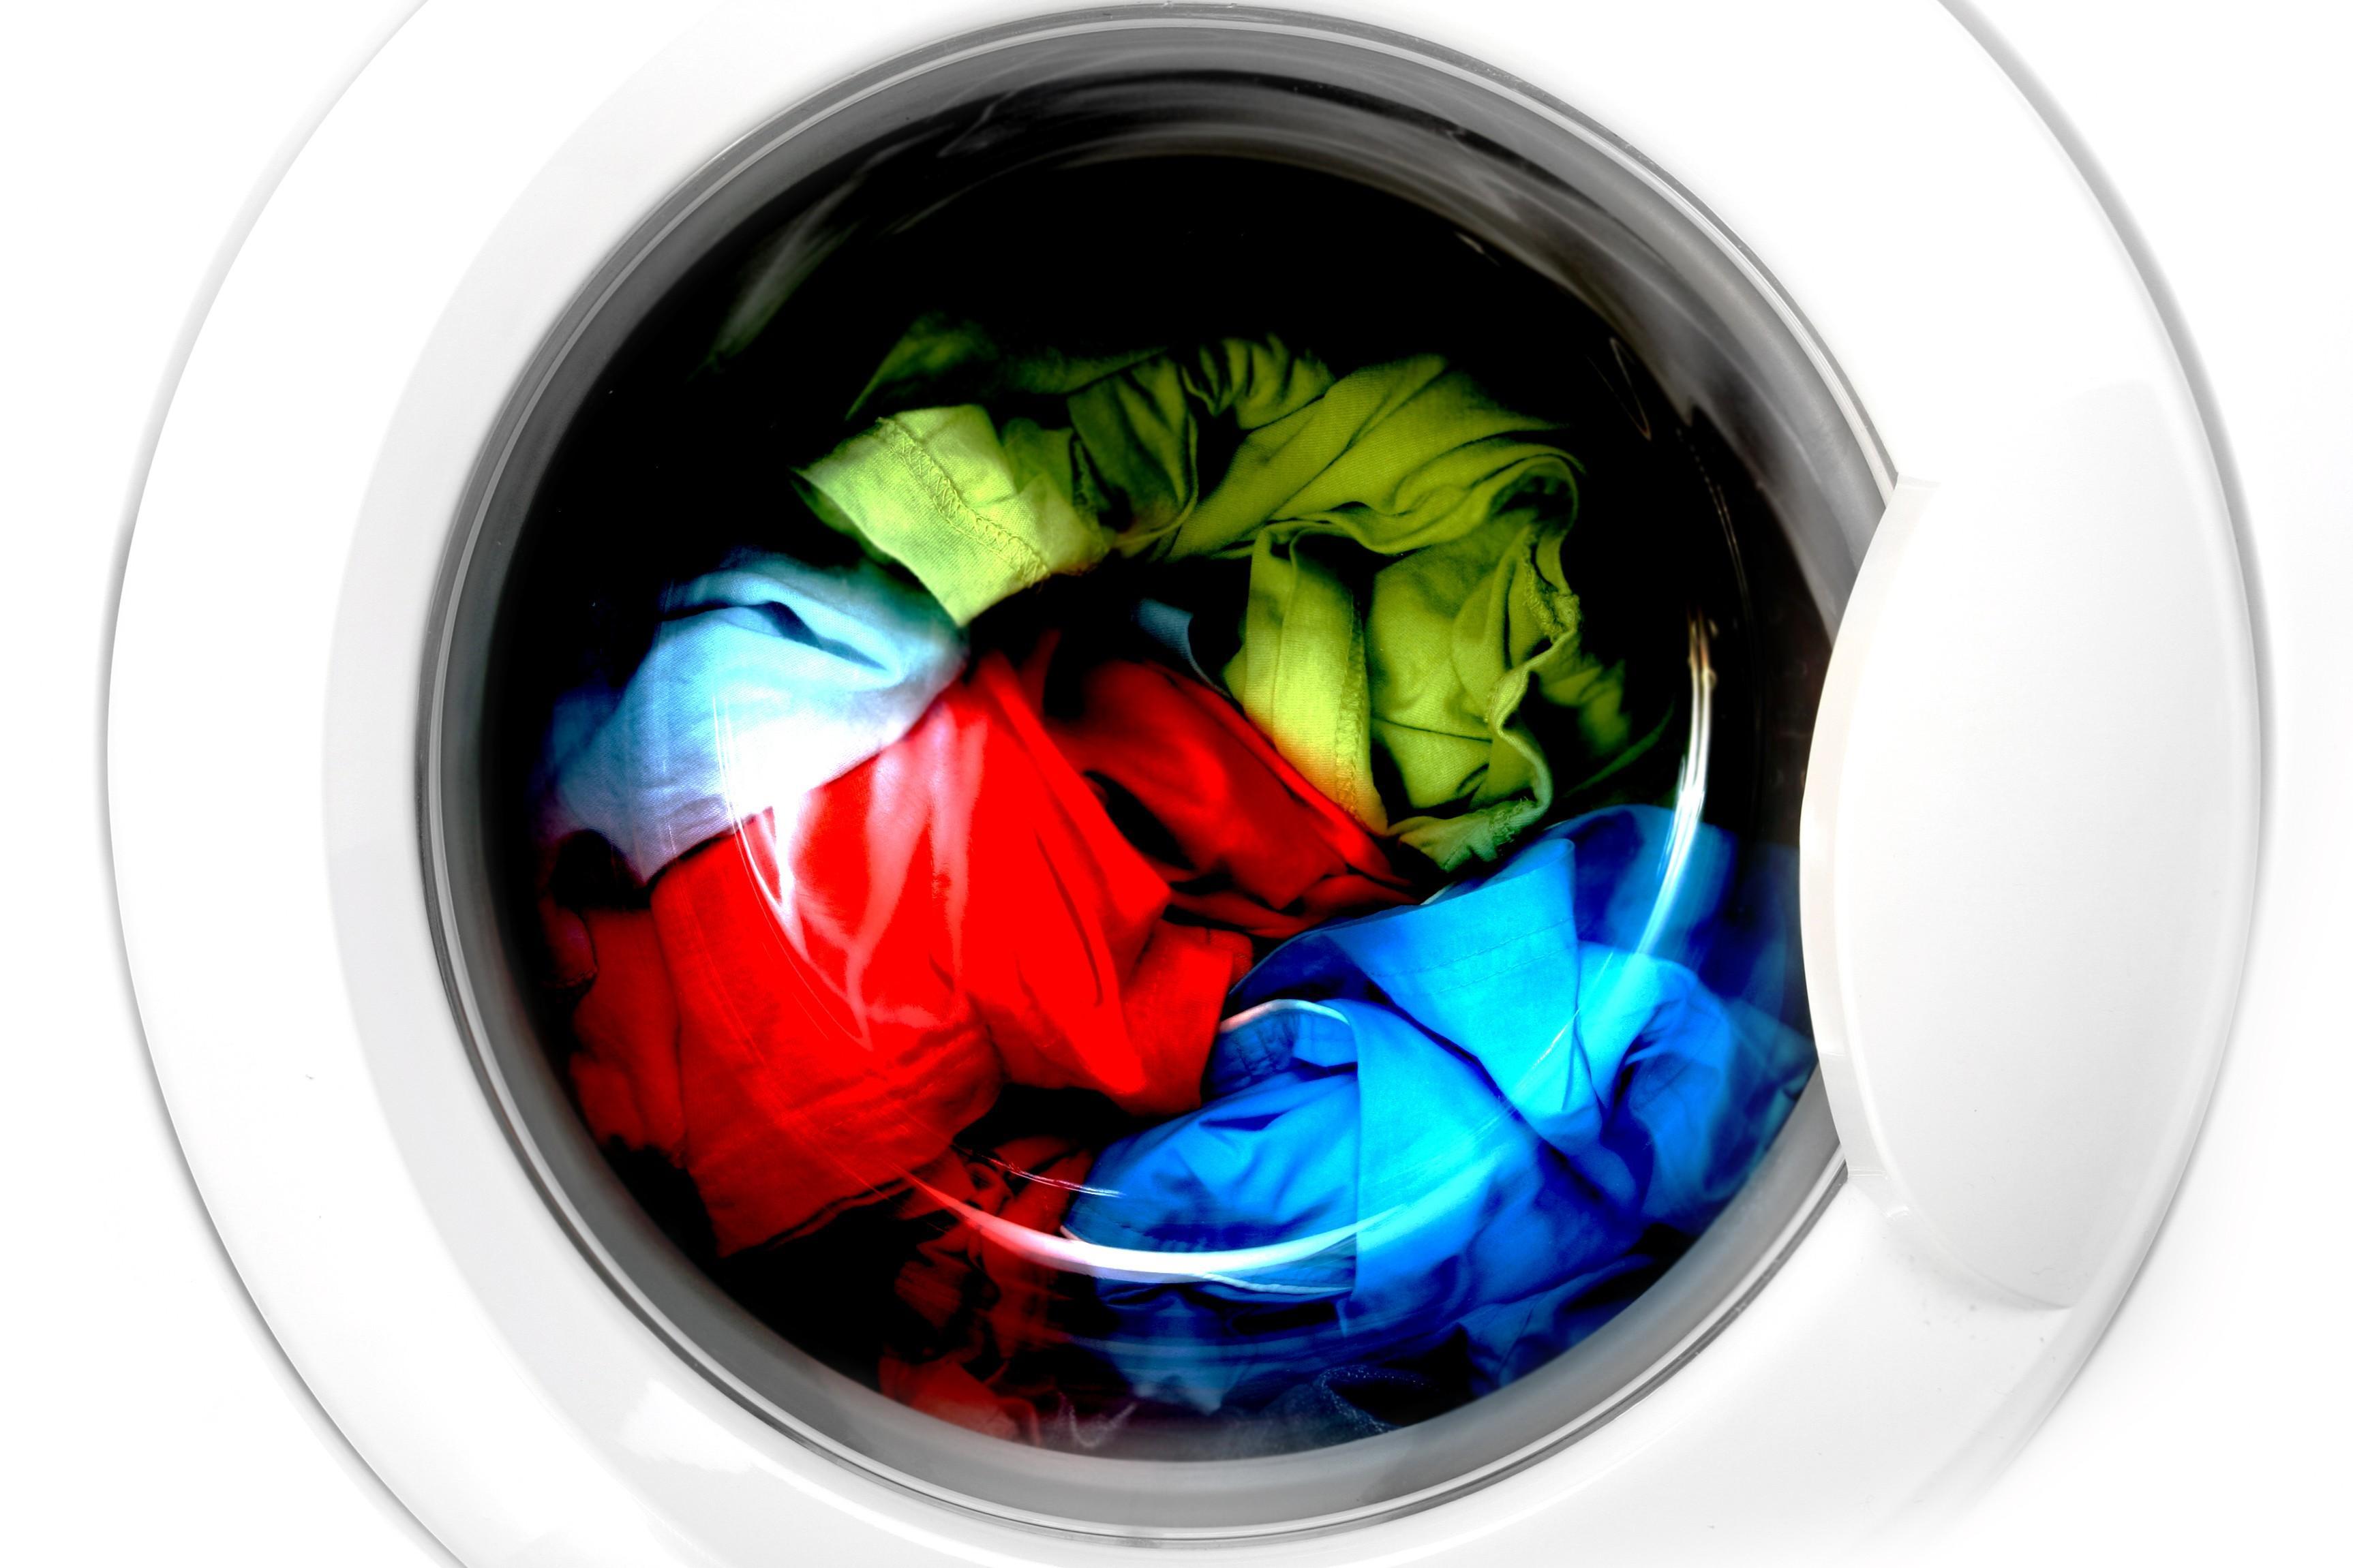 non-lasciarli-in-lavatrice